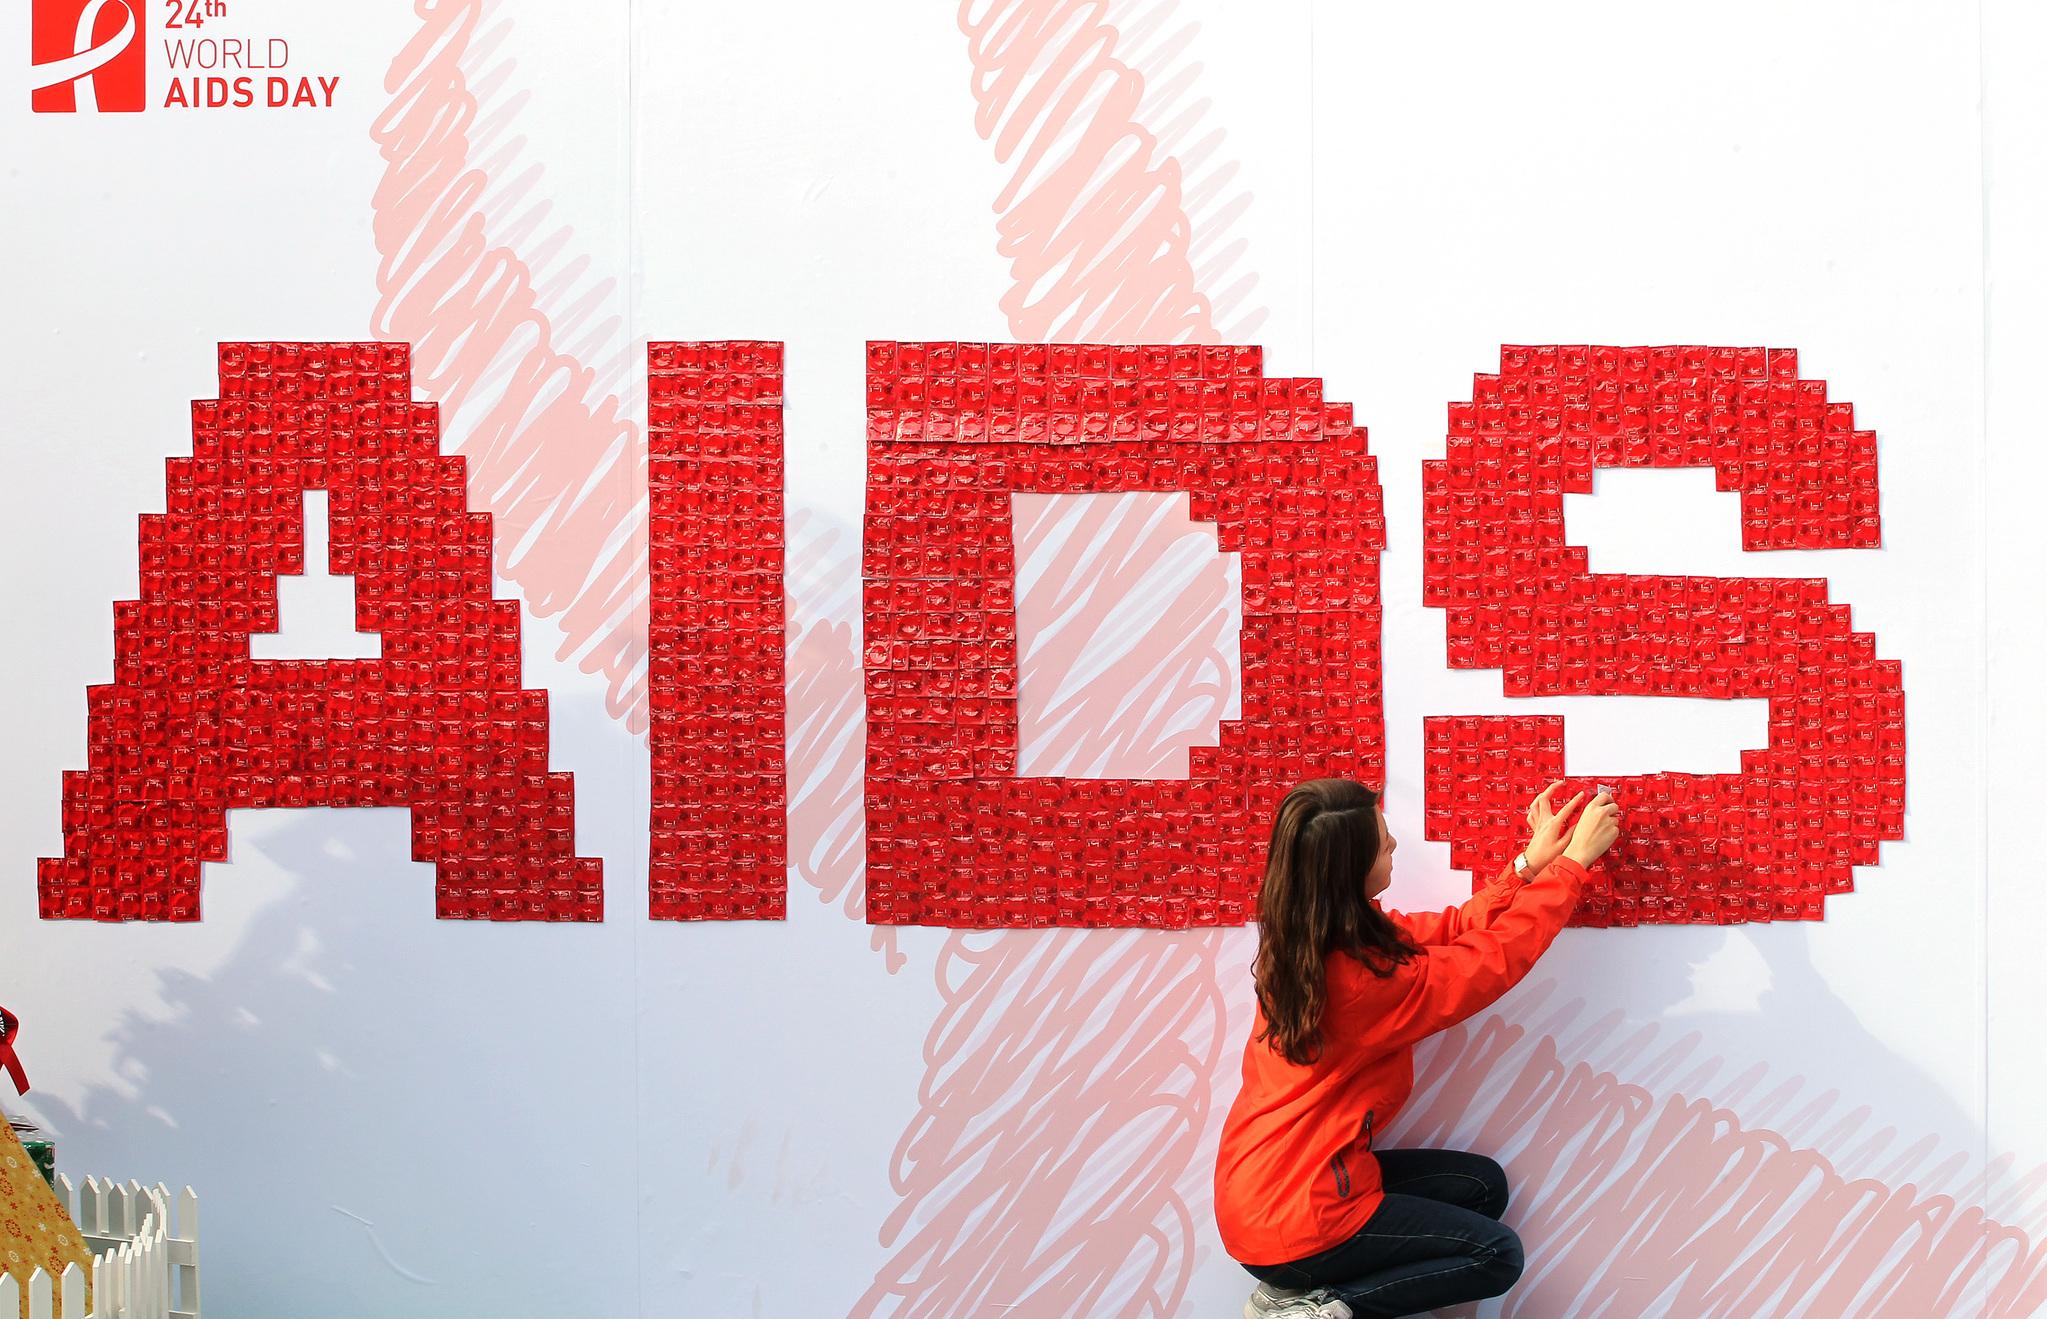 붉은색으로 강조한 '에이즈' 관련 설치물. [연합뉴스]